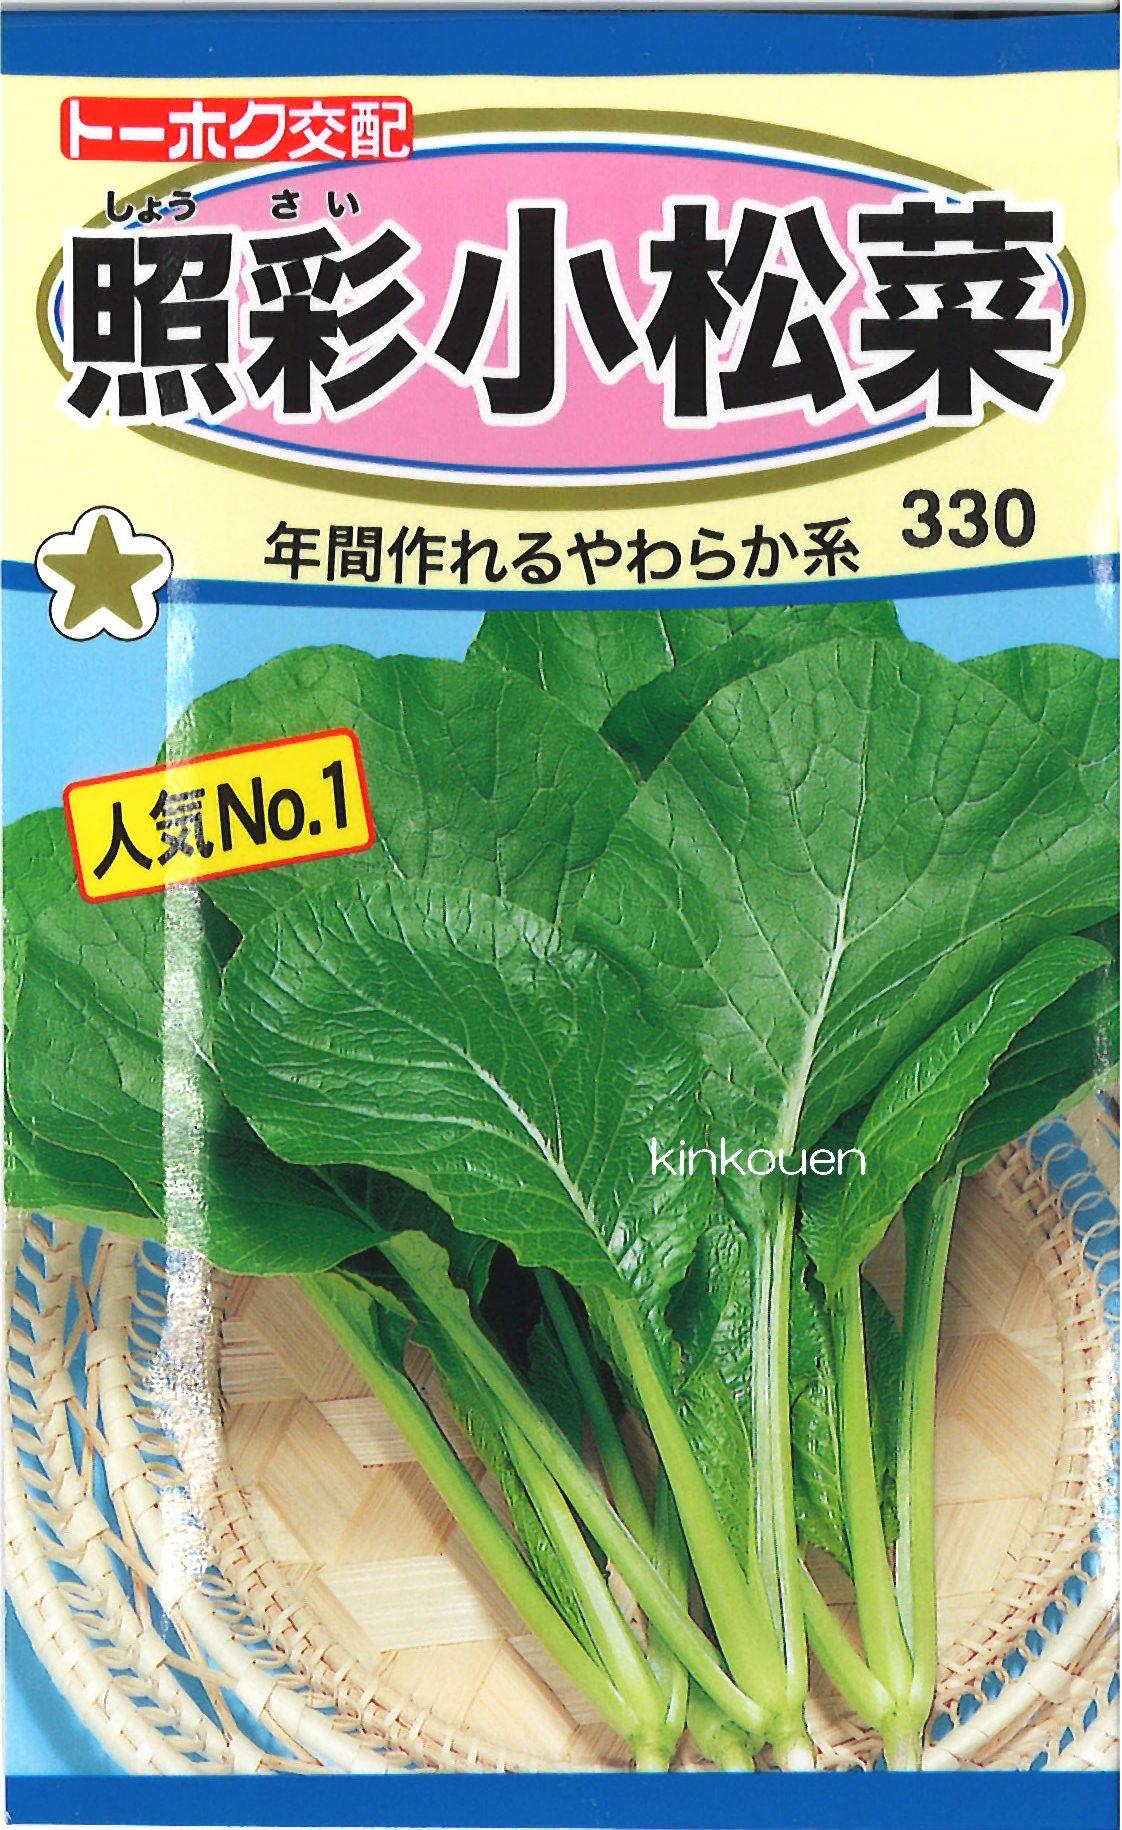 【代引不可】【5袋まで送料80円】□照彩小松菜